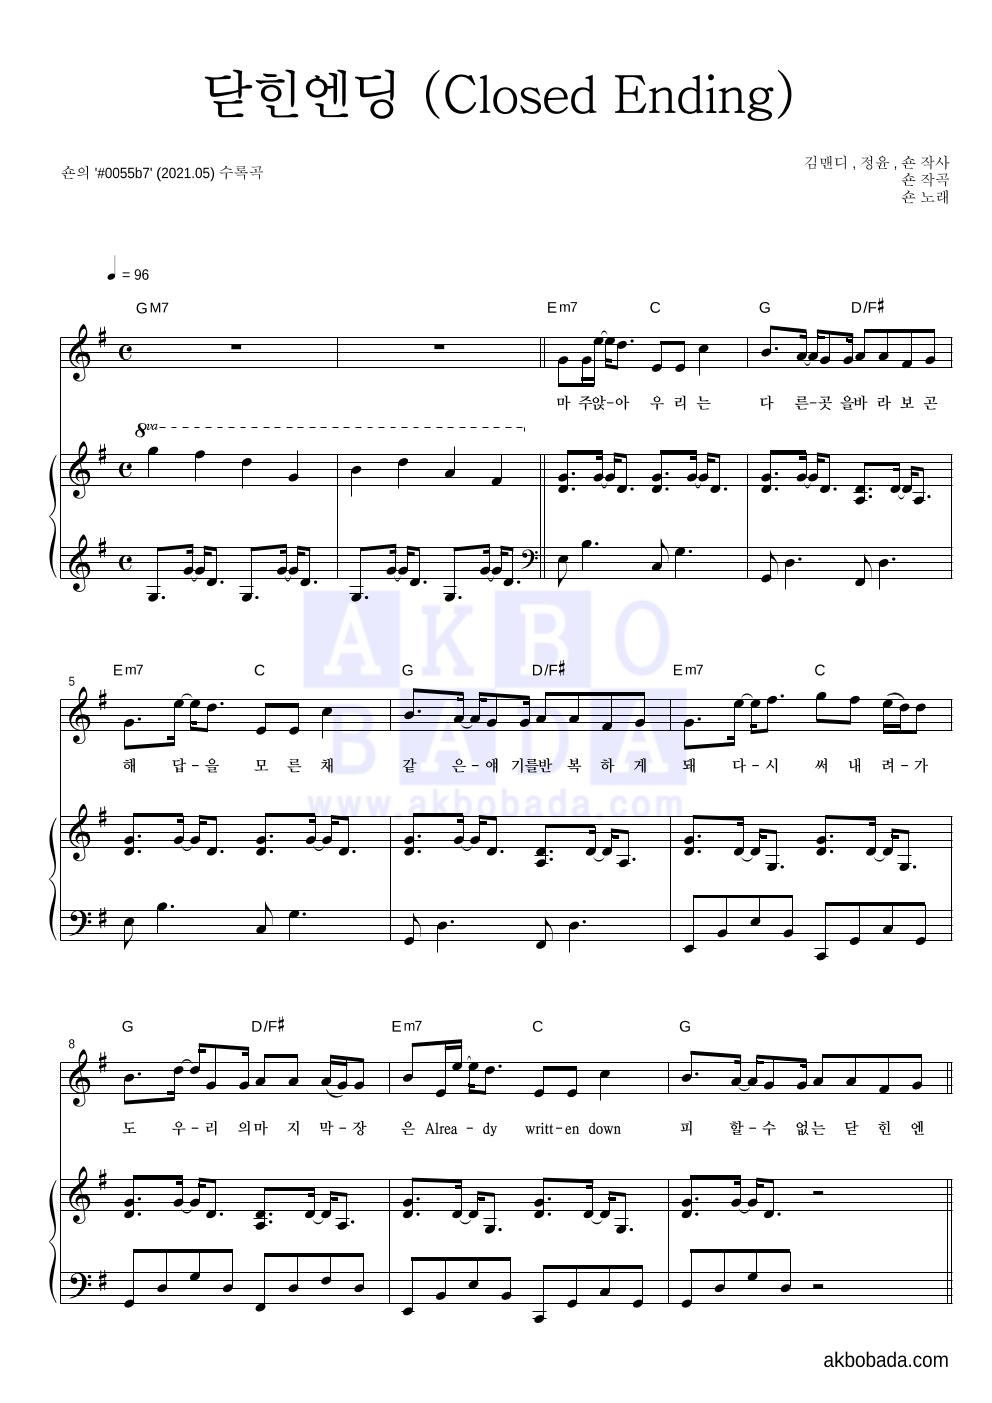 숀 - 닫힌엔딩 (Closed Ending) 피아노 3단 악보